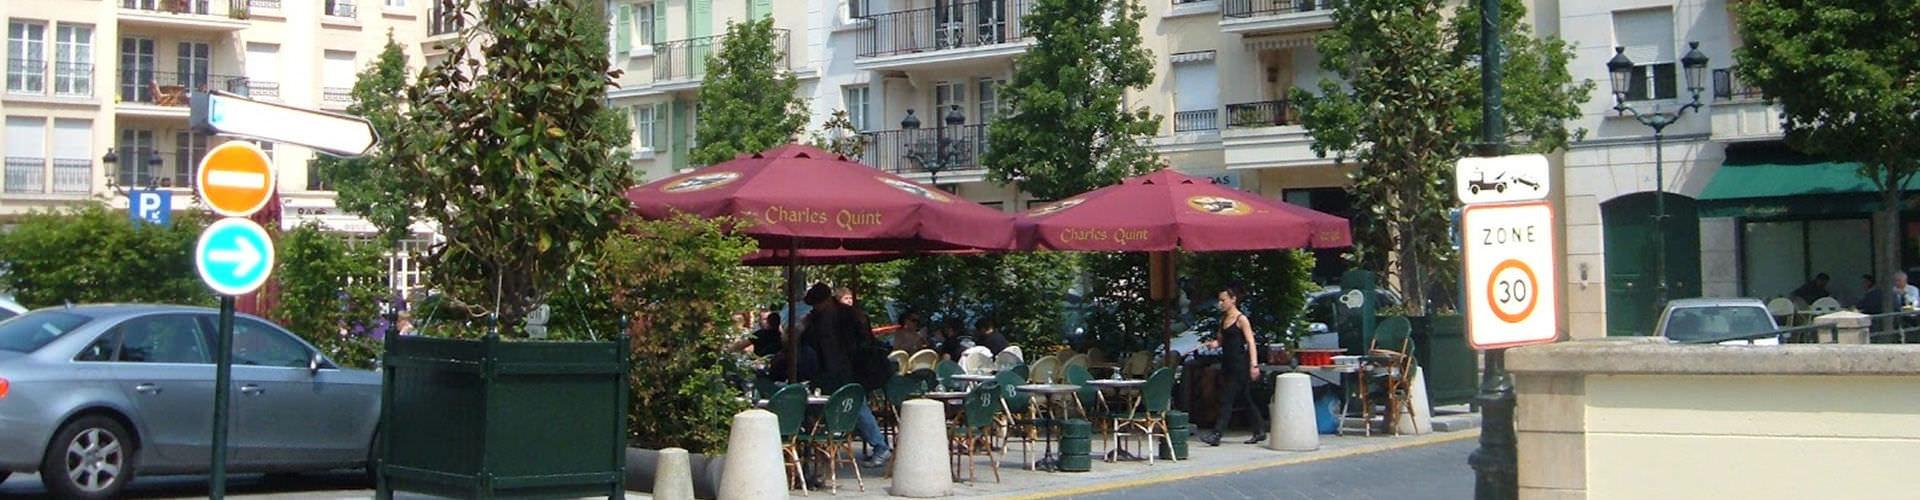 Nice - Camping dans le quartier de Coeur de Ville. Cartes pour Nice, photos et commentaires pour chaque camping à Nice.